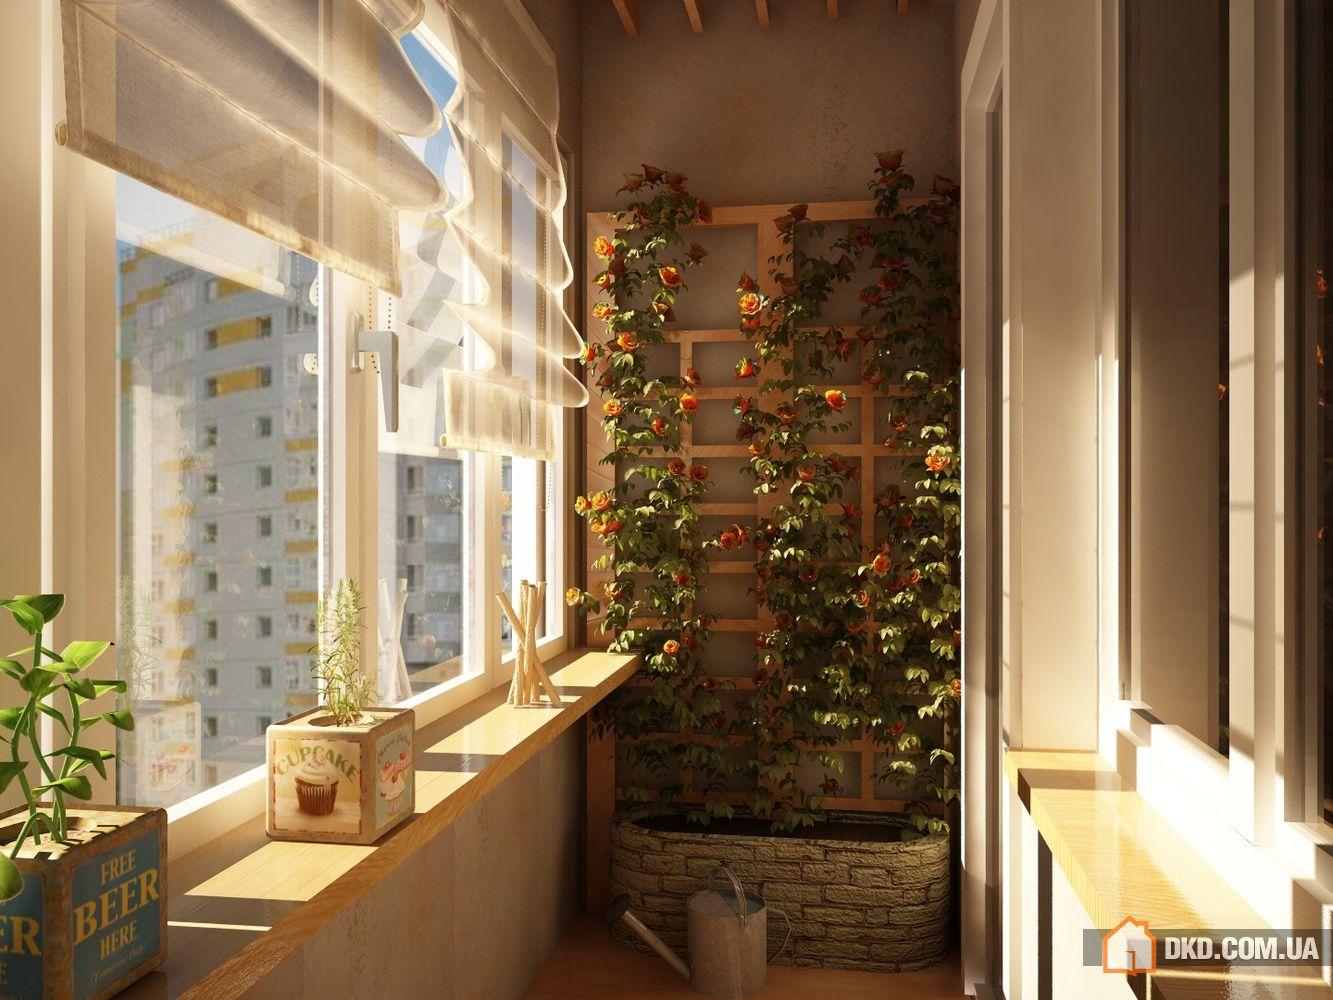 Оформление балкона растениями.